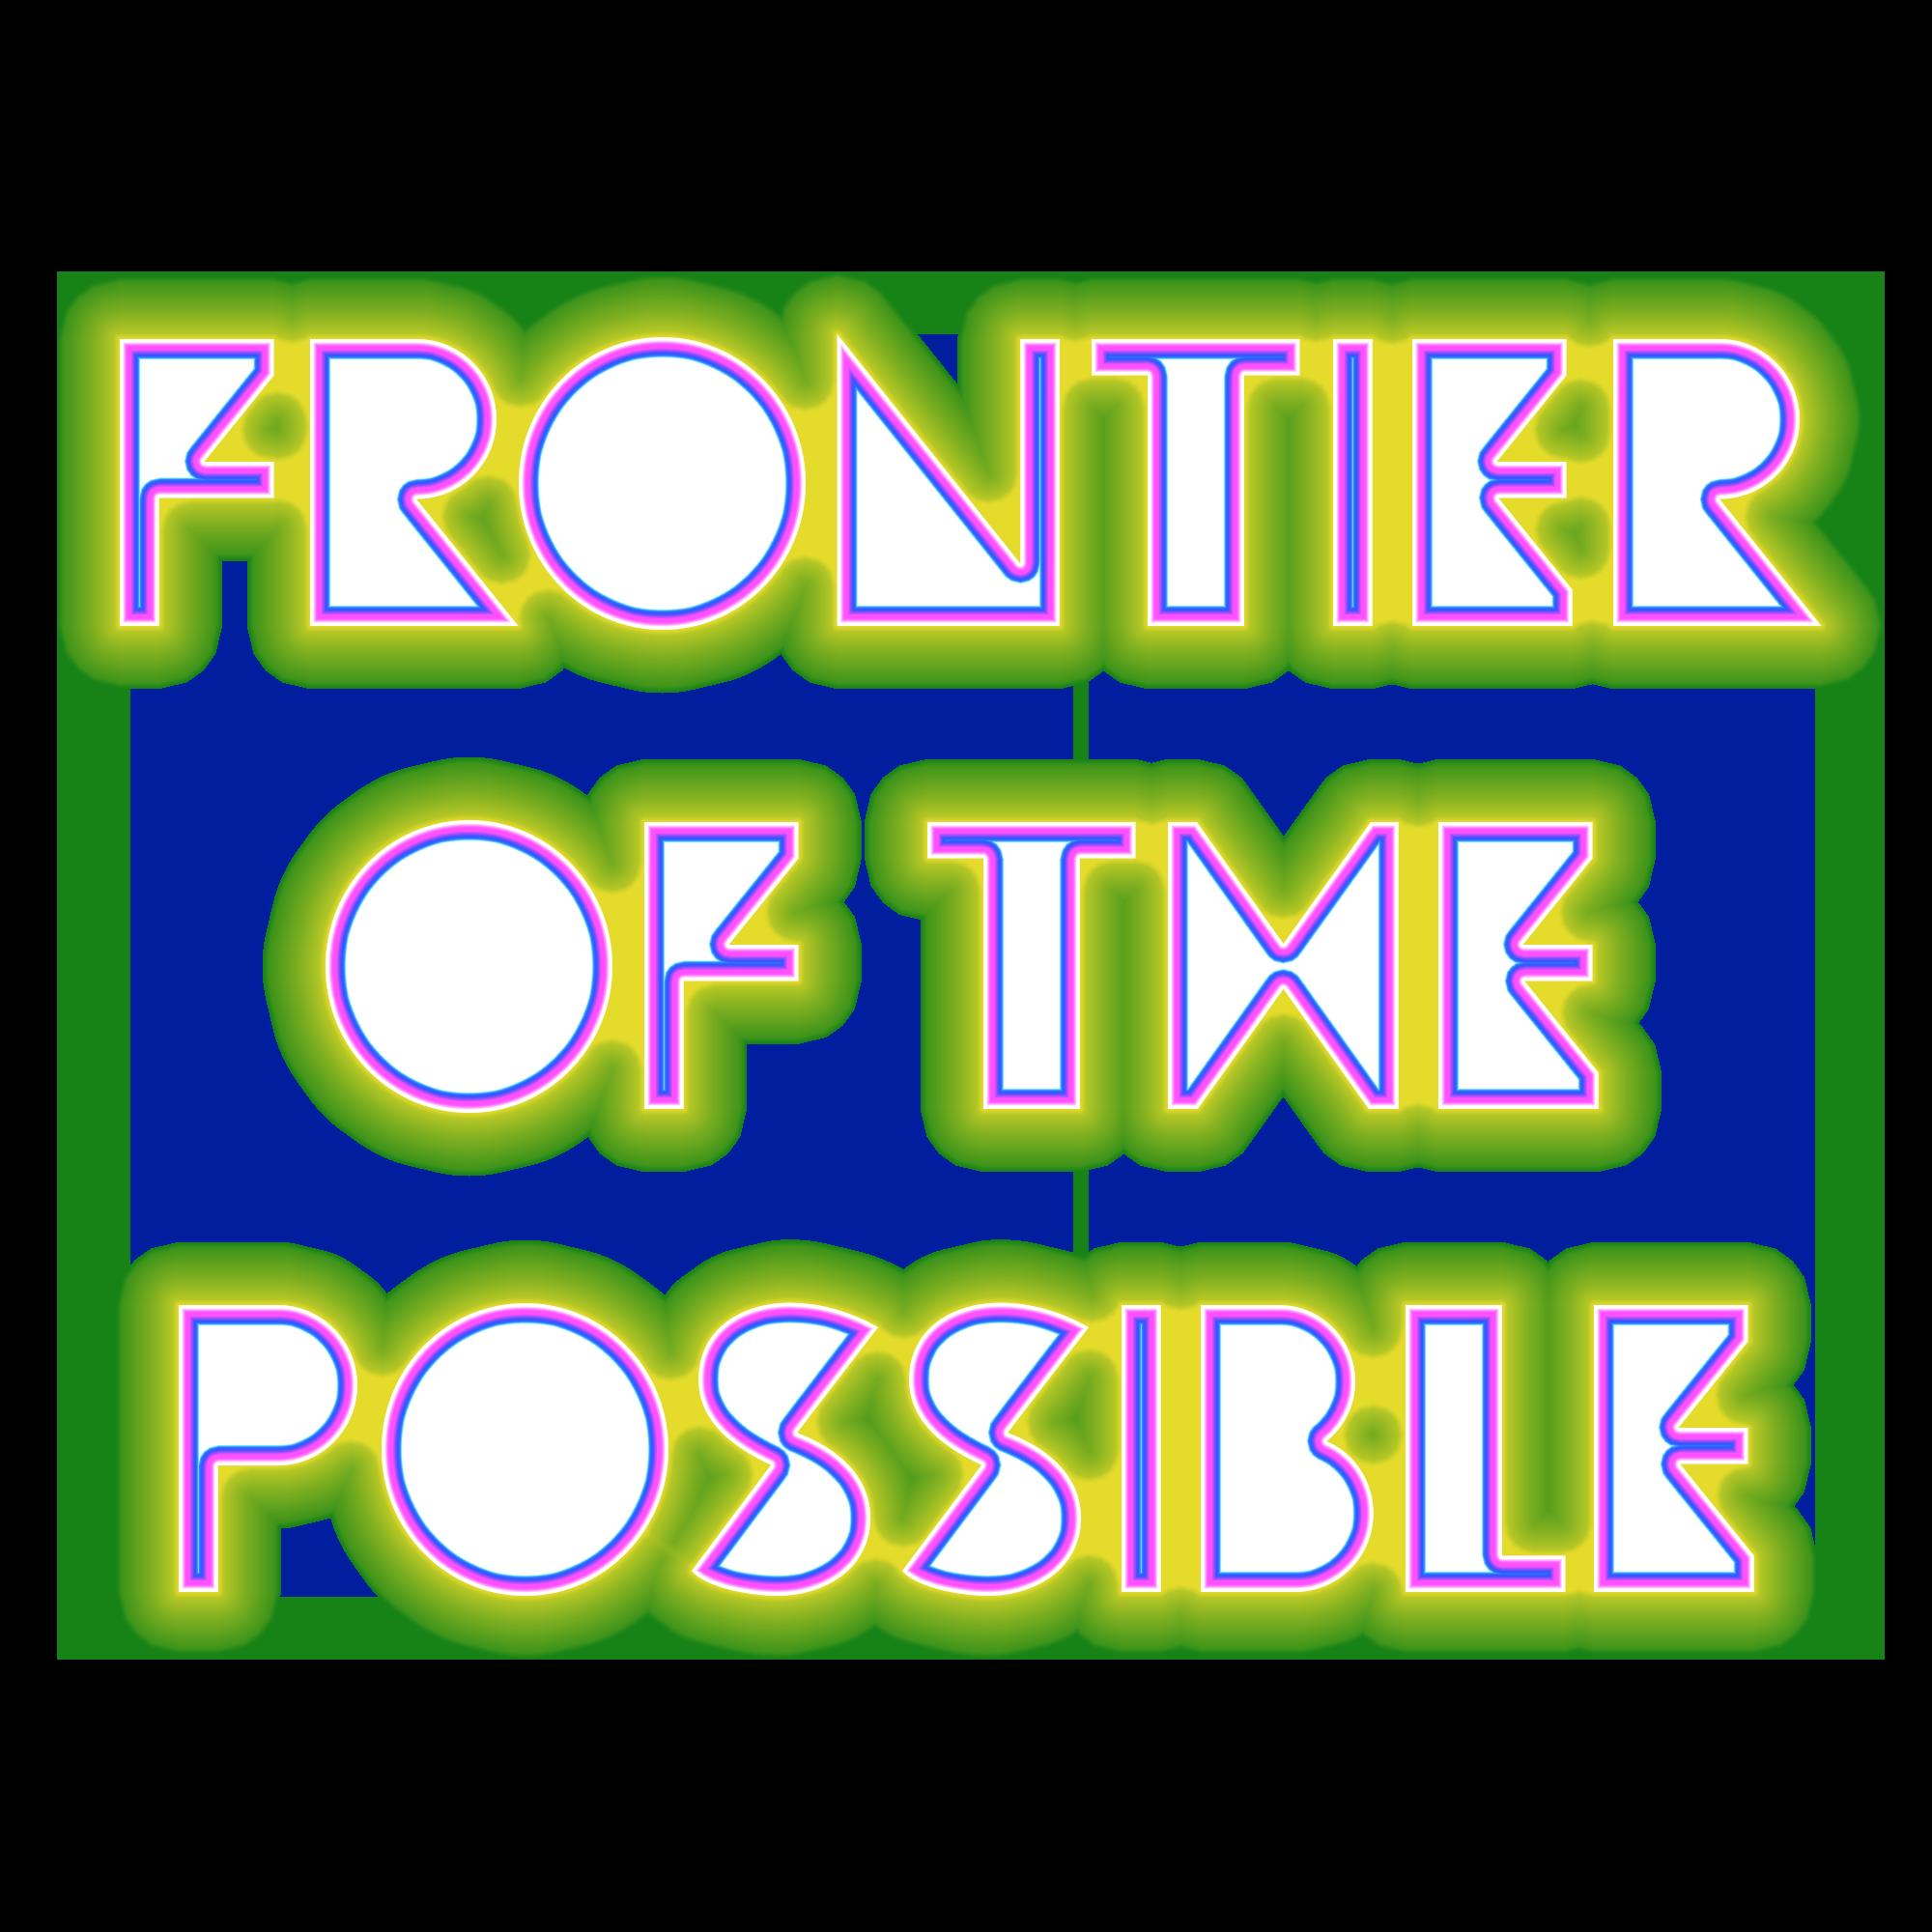 FrontierOfThePossible.png